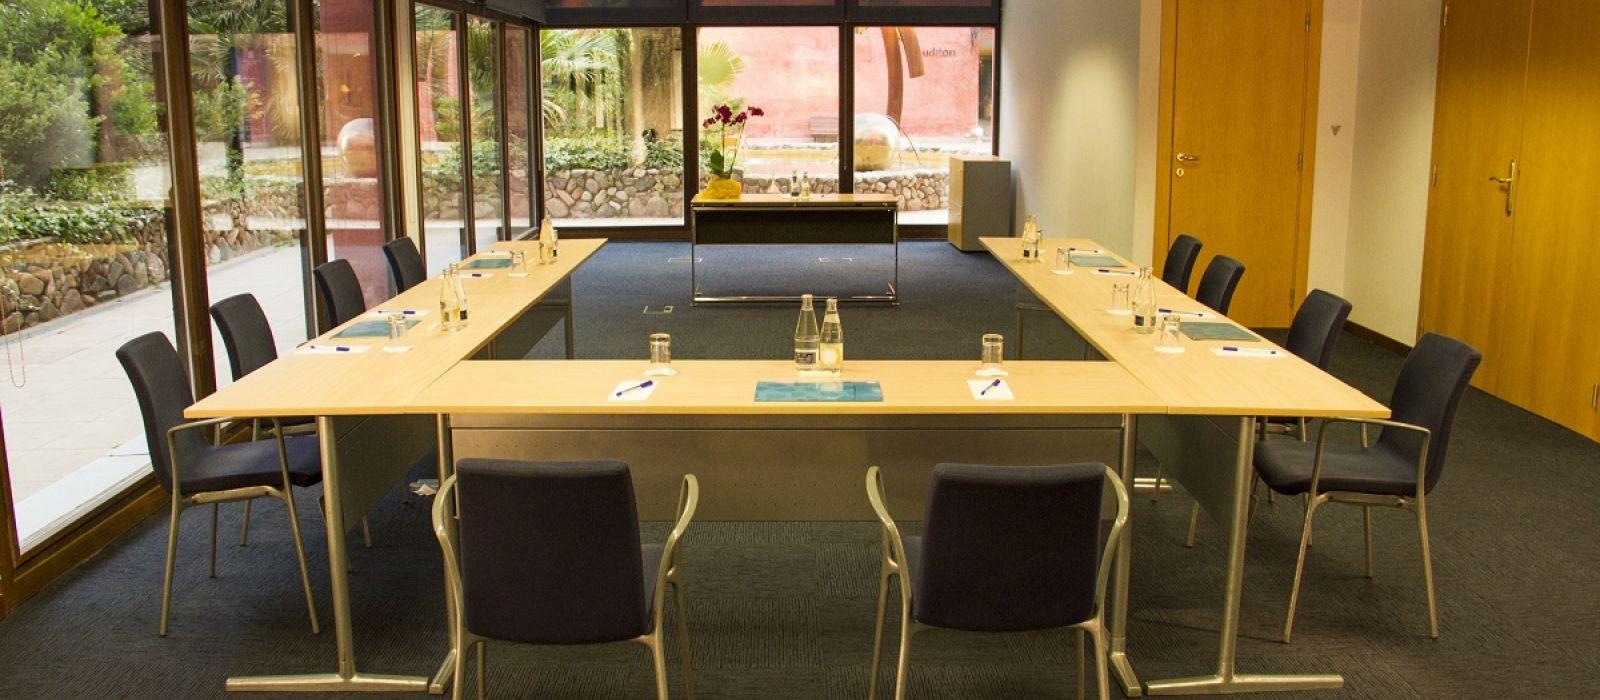 Reuniones de Trabajo La Garriga | Hotel Blancafort